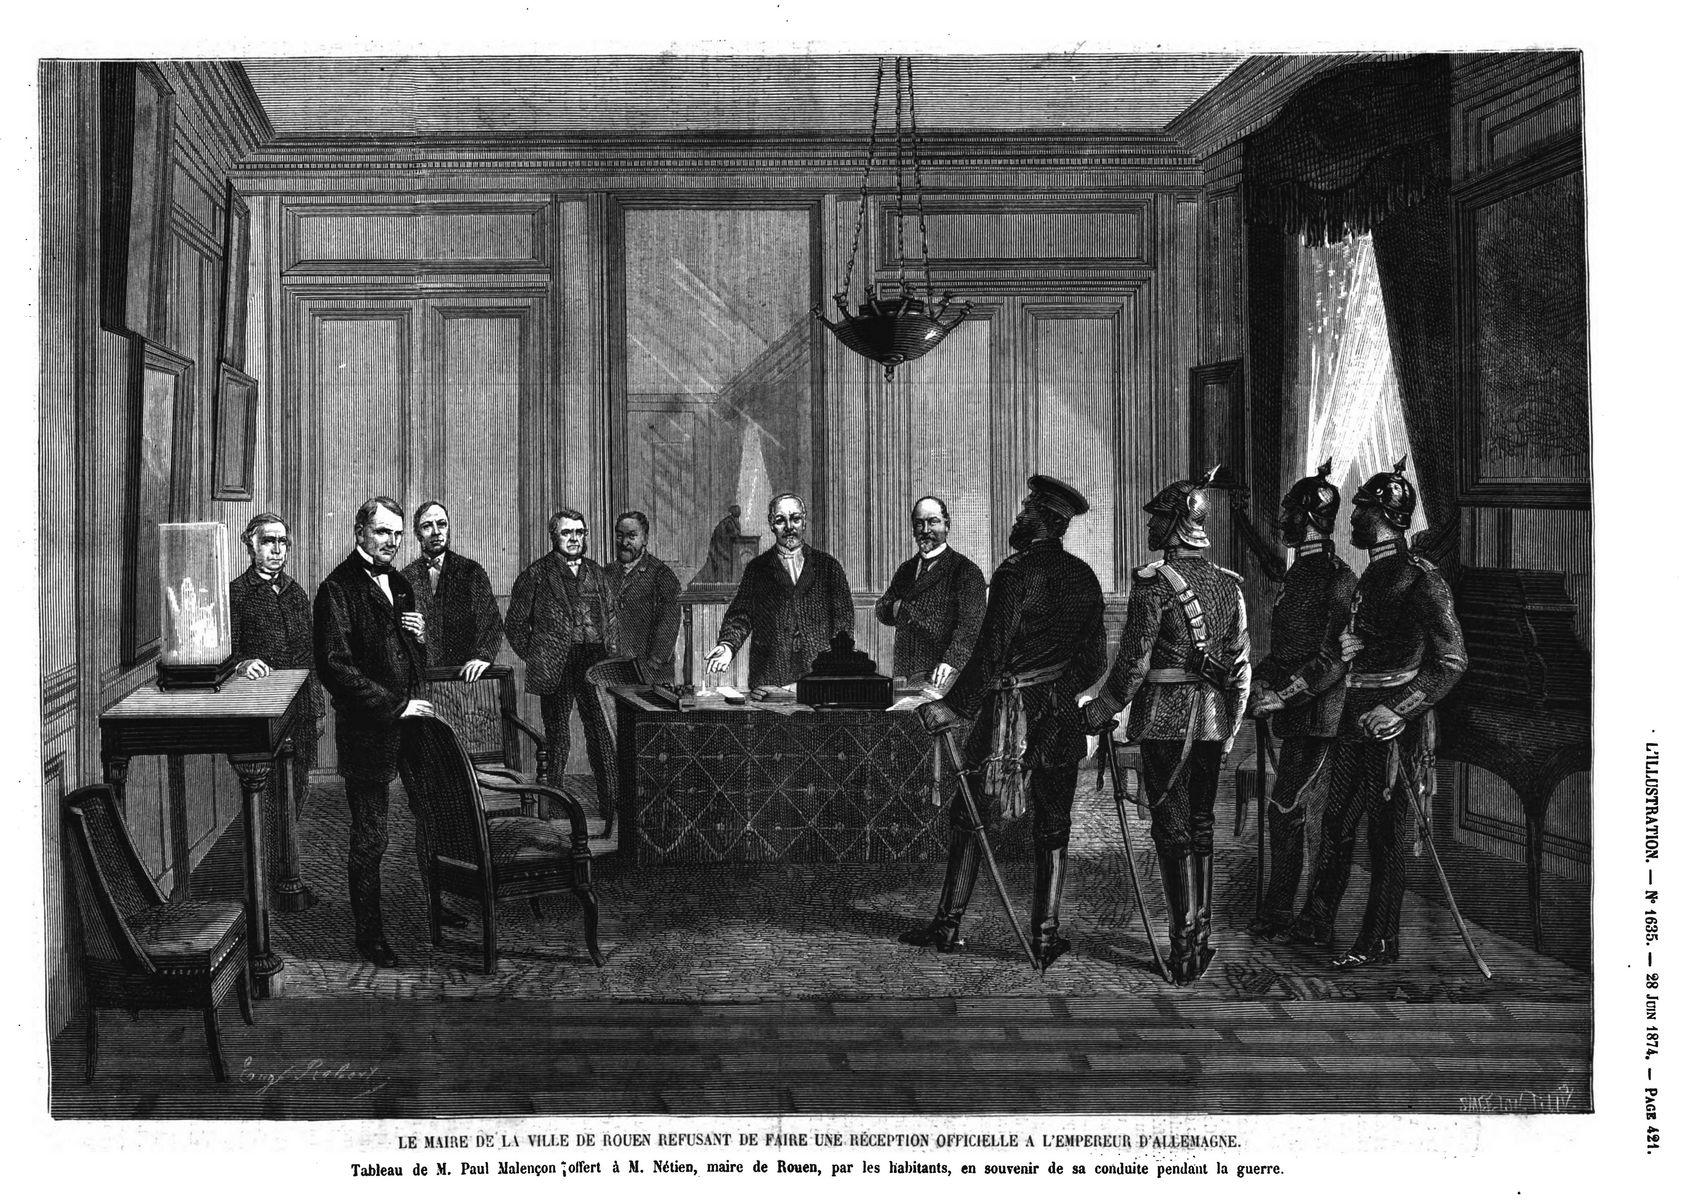 Salon de 1874 :L'Eminence grise, tableau de M. Gérôme ;Le maire de la ville de Rouen refusant de faire une réception officielle à l'empereur d'Allemagne, tableau de M. Paul Malençon